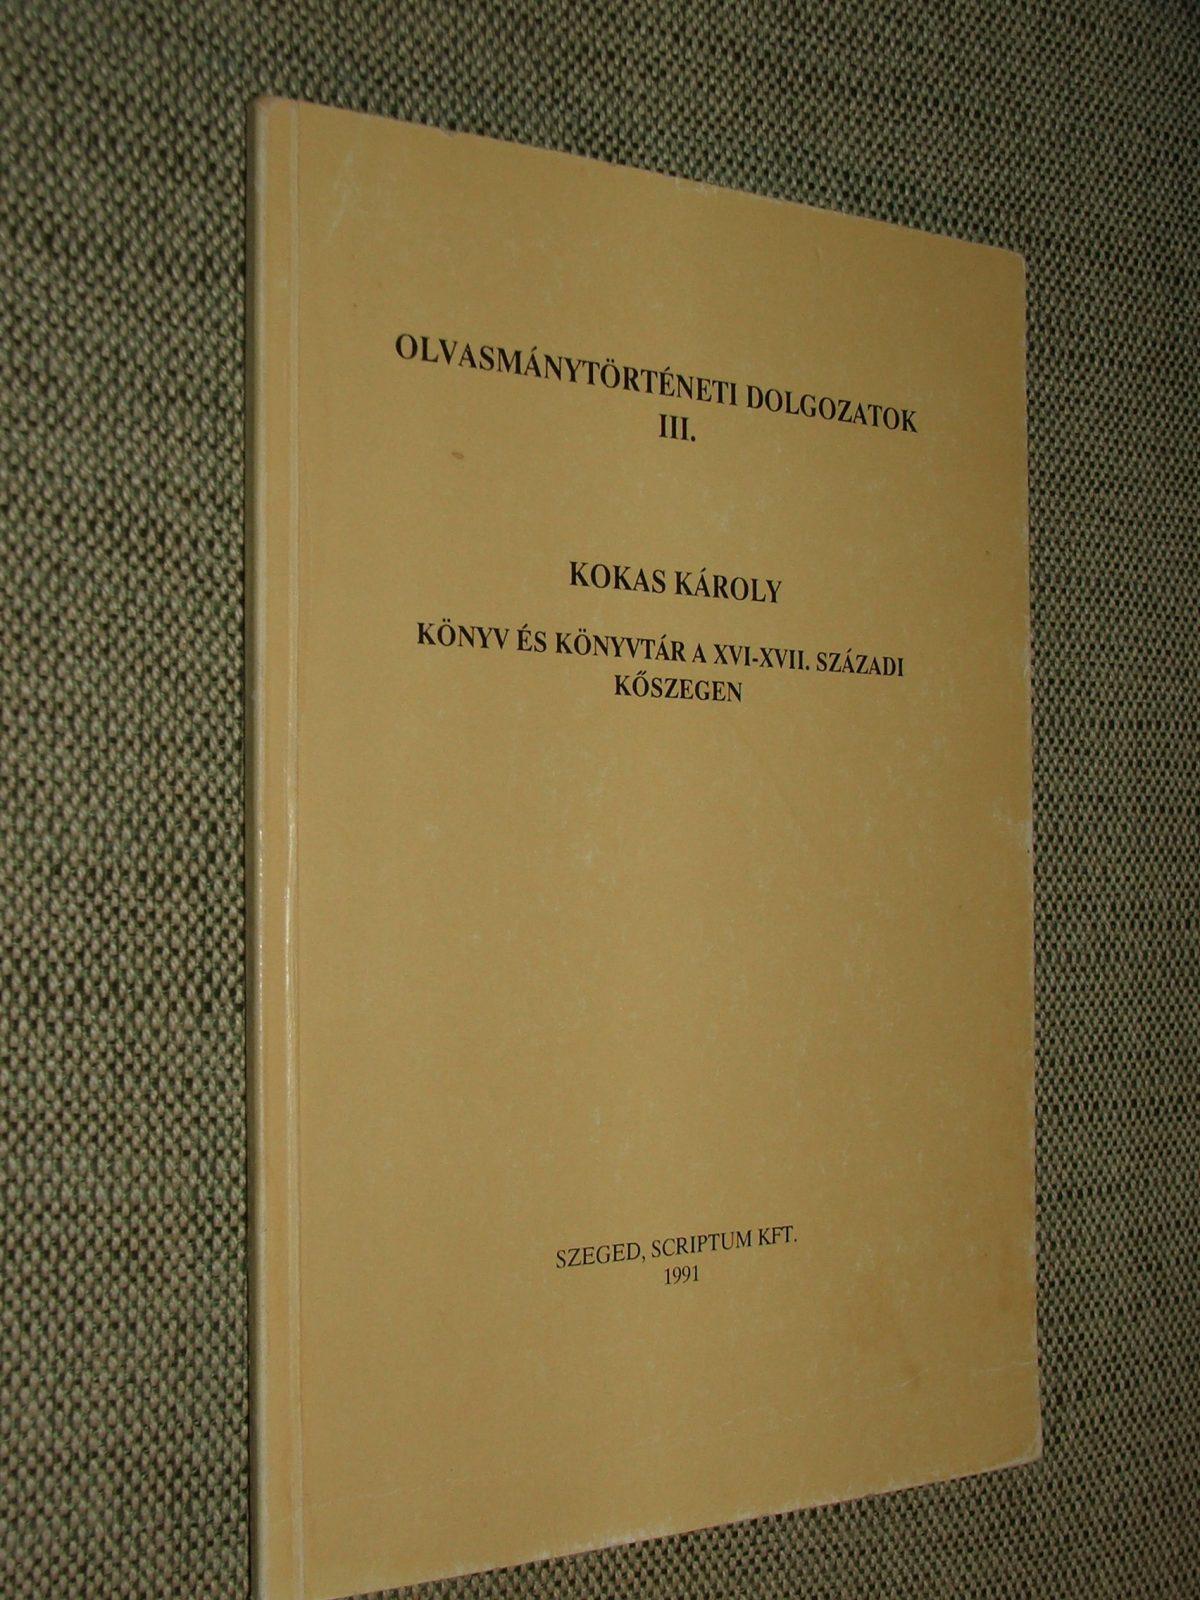 KOKAS Károly: Könyv és könyvtár a XVI.-XVII. századi Kőszegen